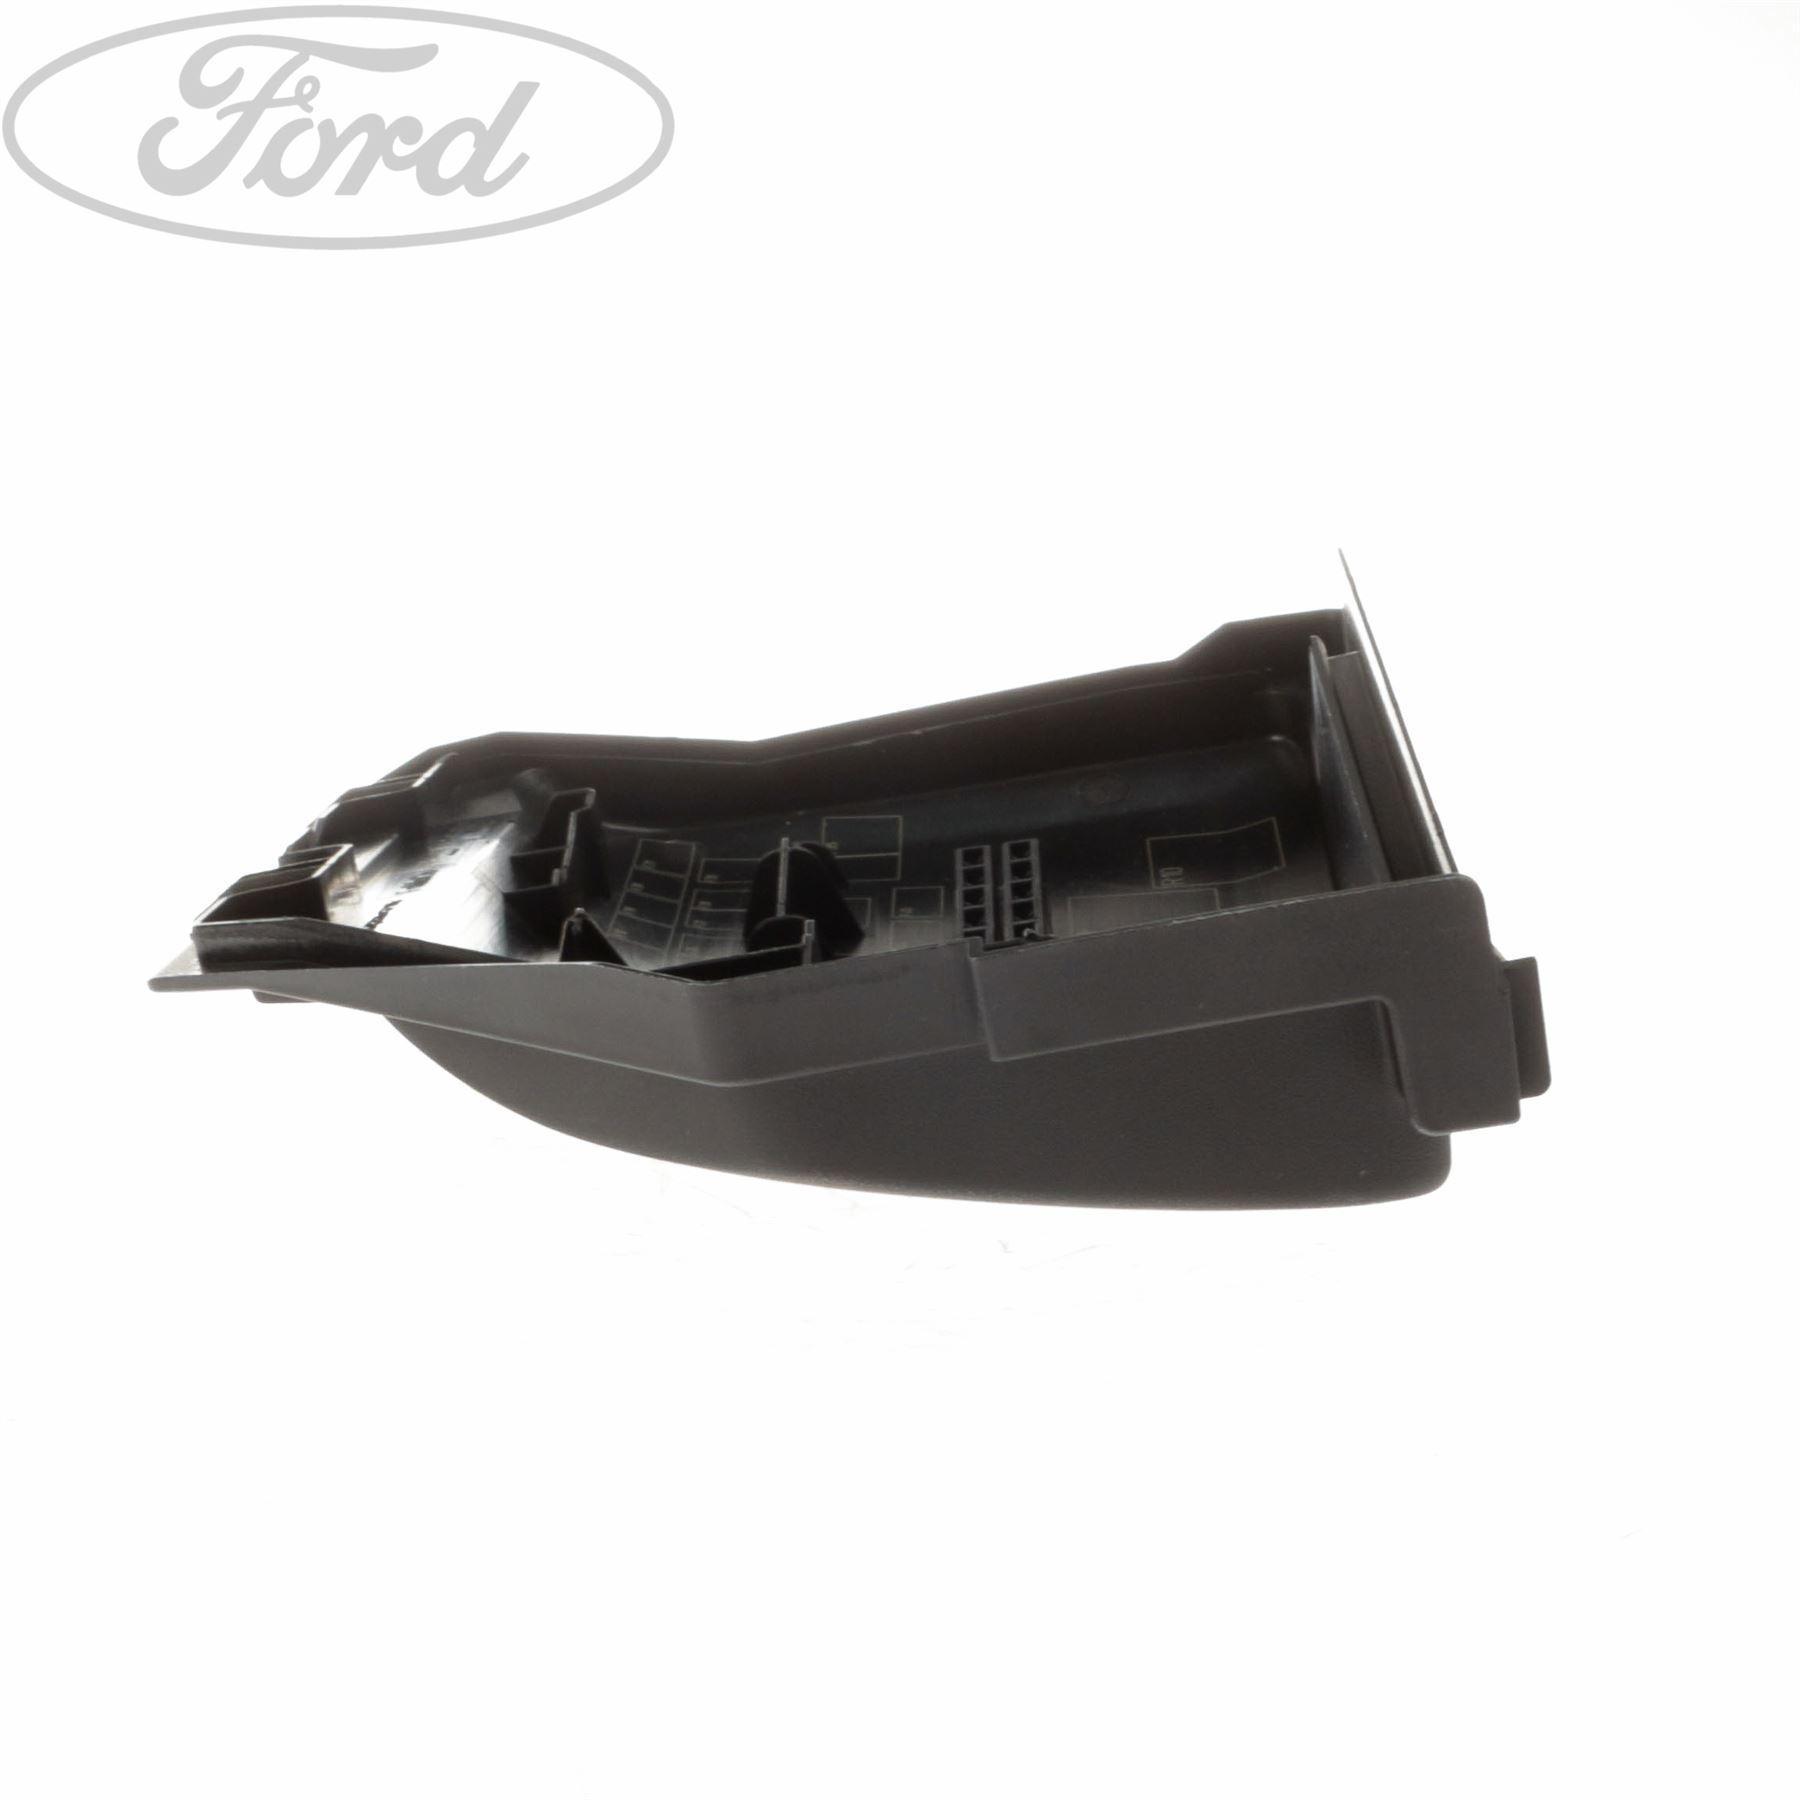 Genuine Ford Mondeo Mk4 Galaxy Wa6 S Max Additional Fuse Box Location Cover 1501113